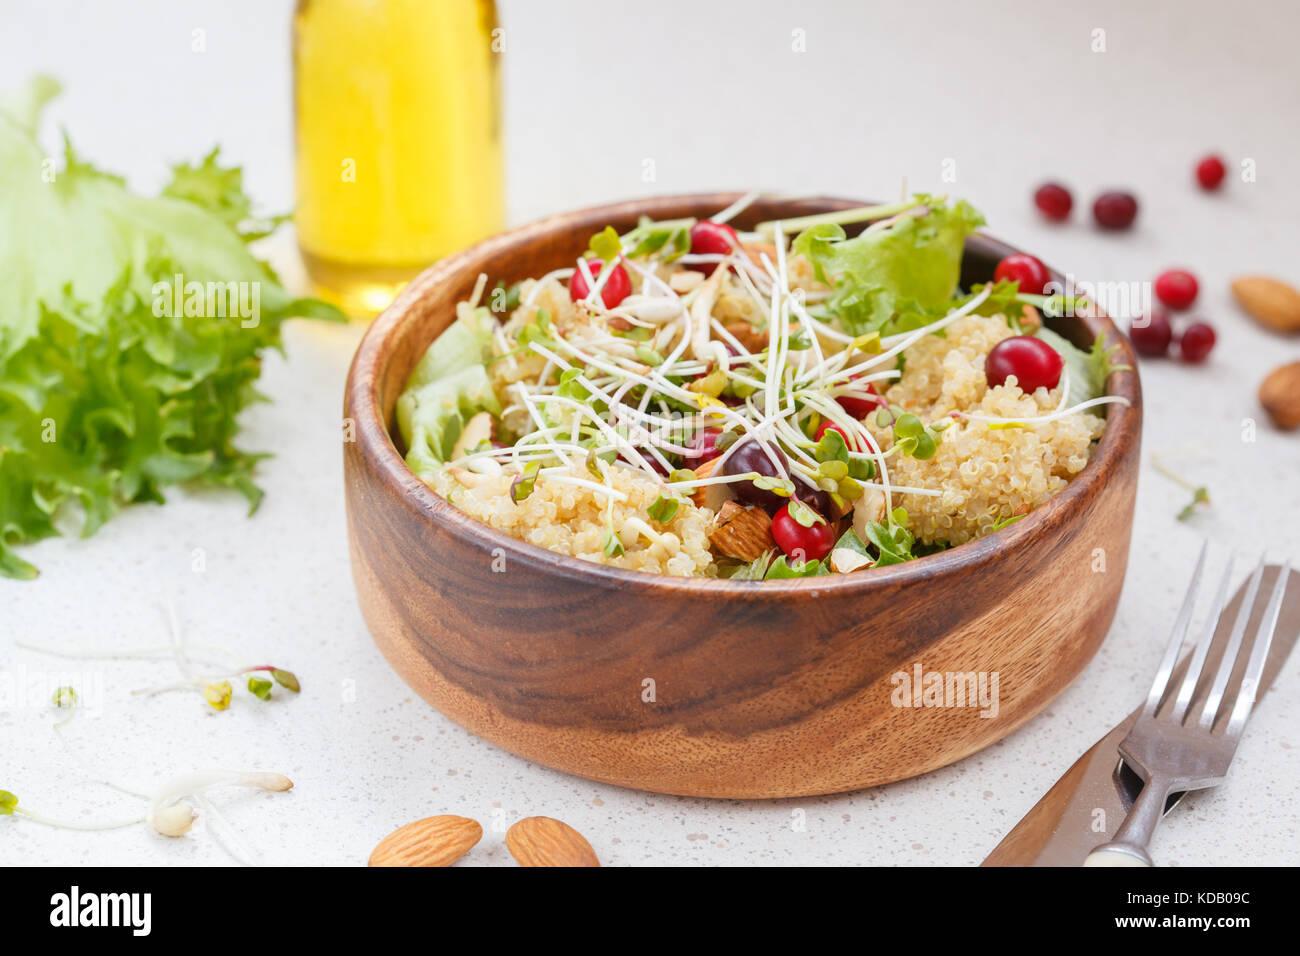 Avec Salade de quinoa, les canneberges et les amandes. Concept alimentaire végétalien Photo Stock